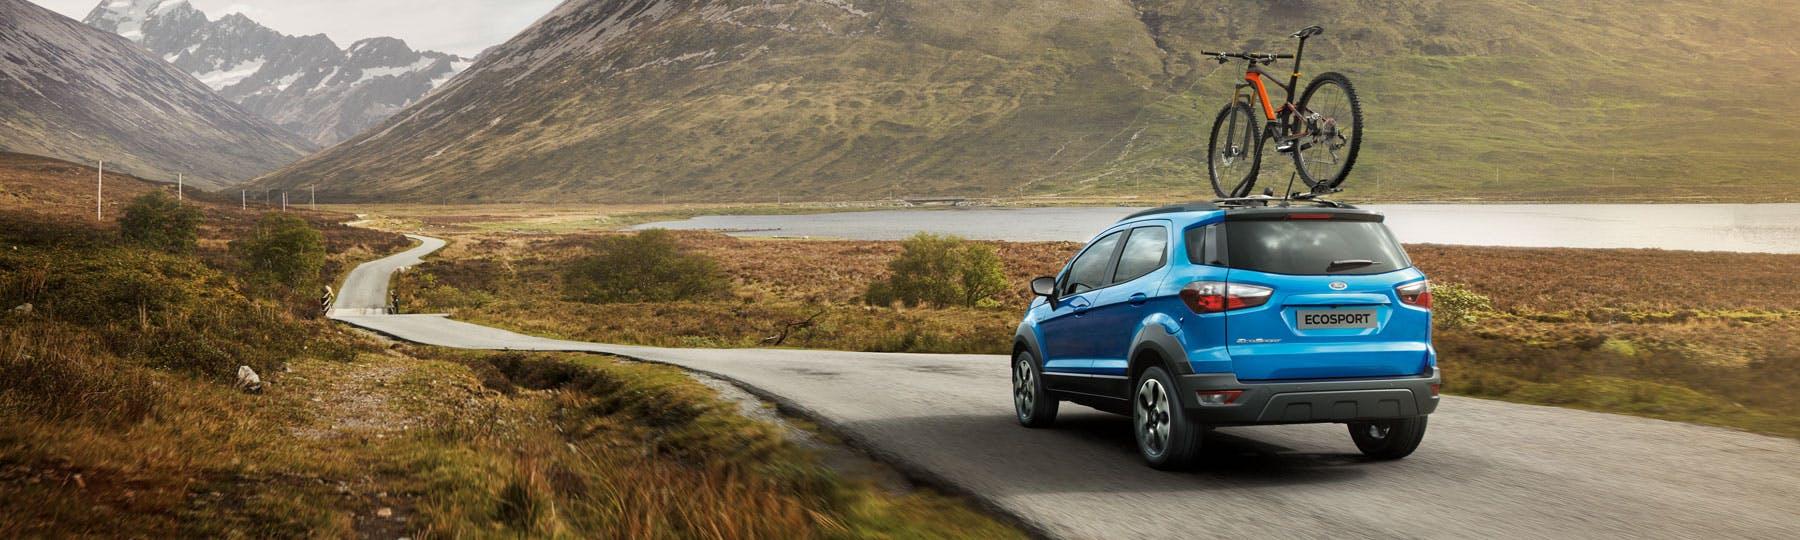 Ford EcoSport Motability